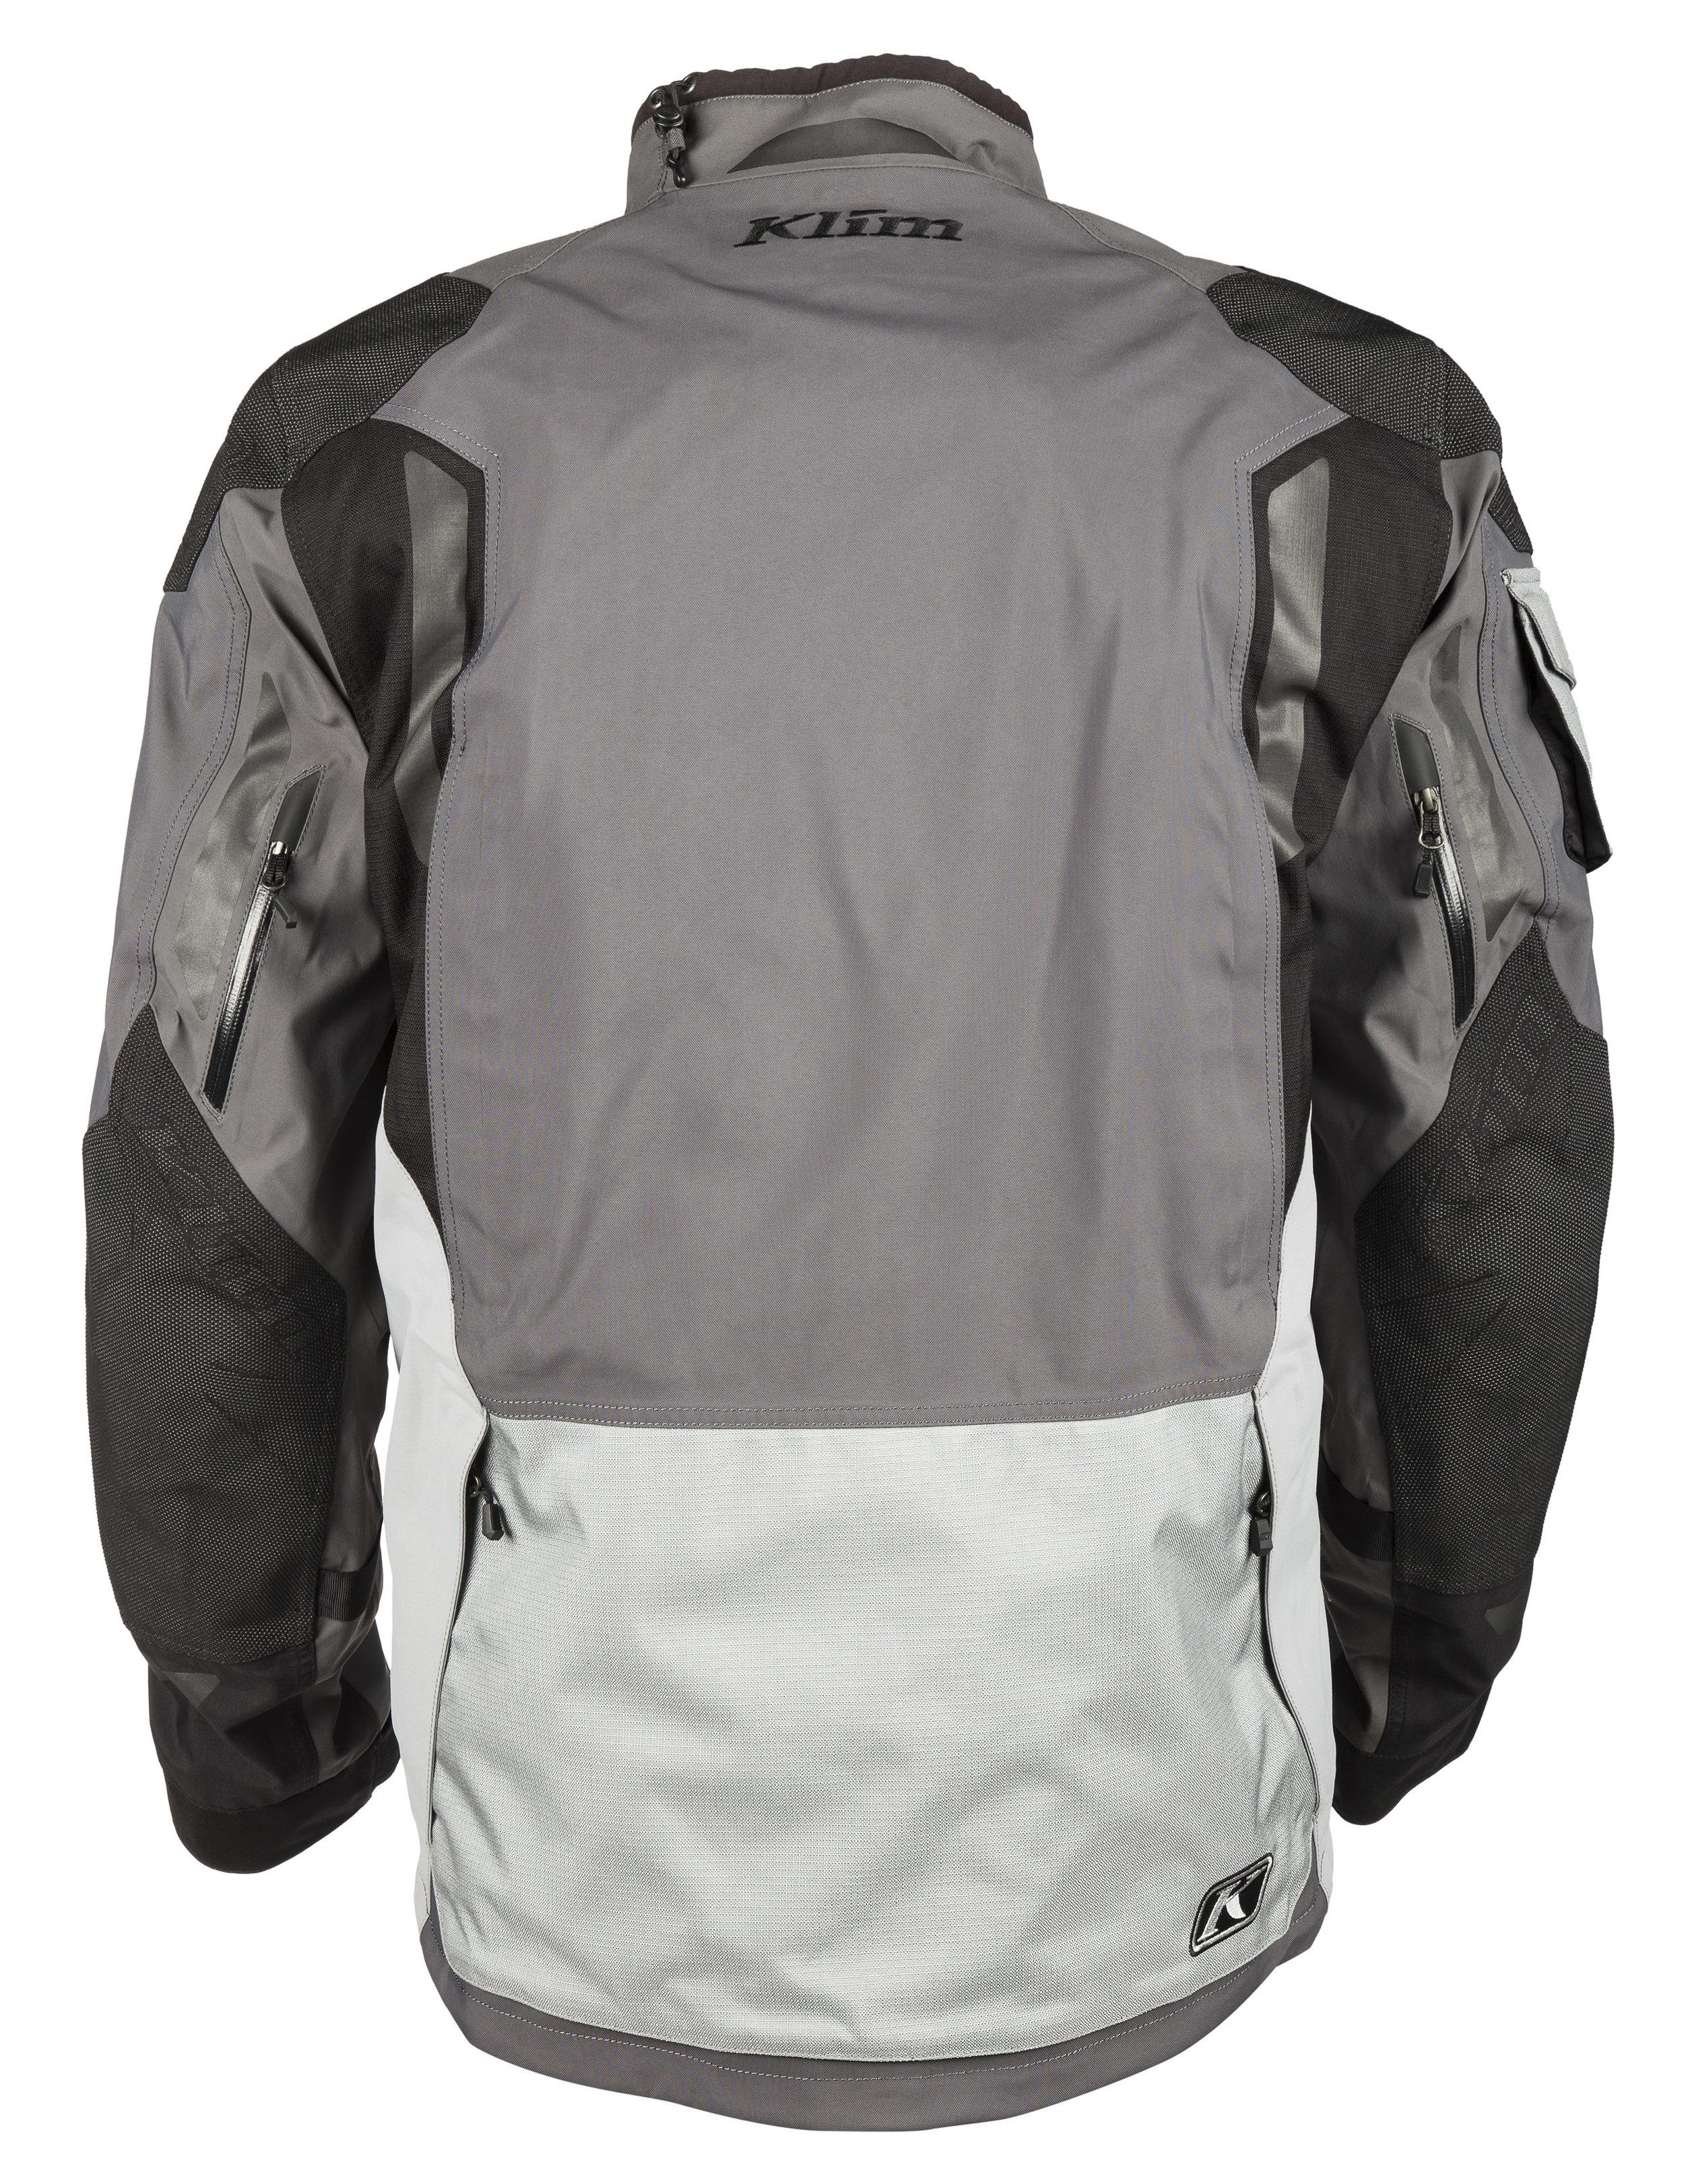 Badlands Jacket_light gray_3.jpg